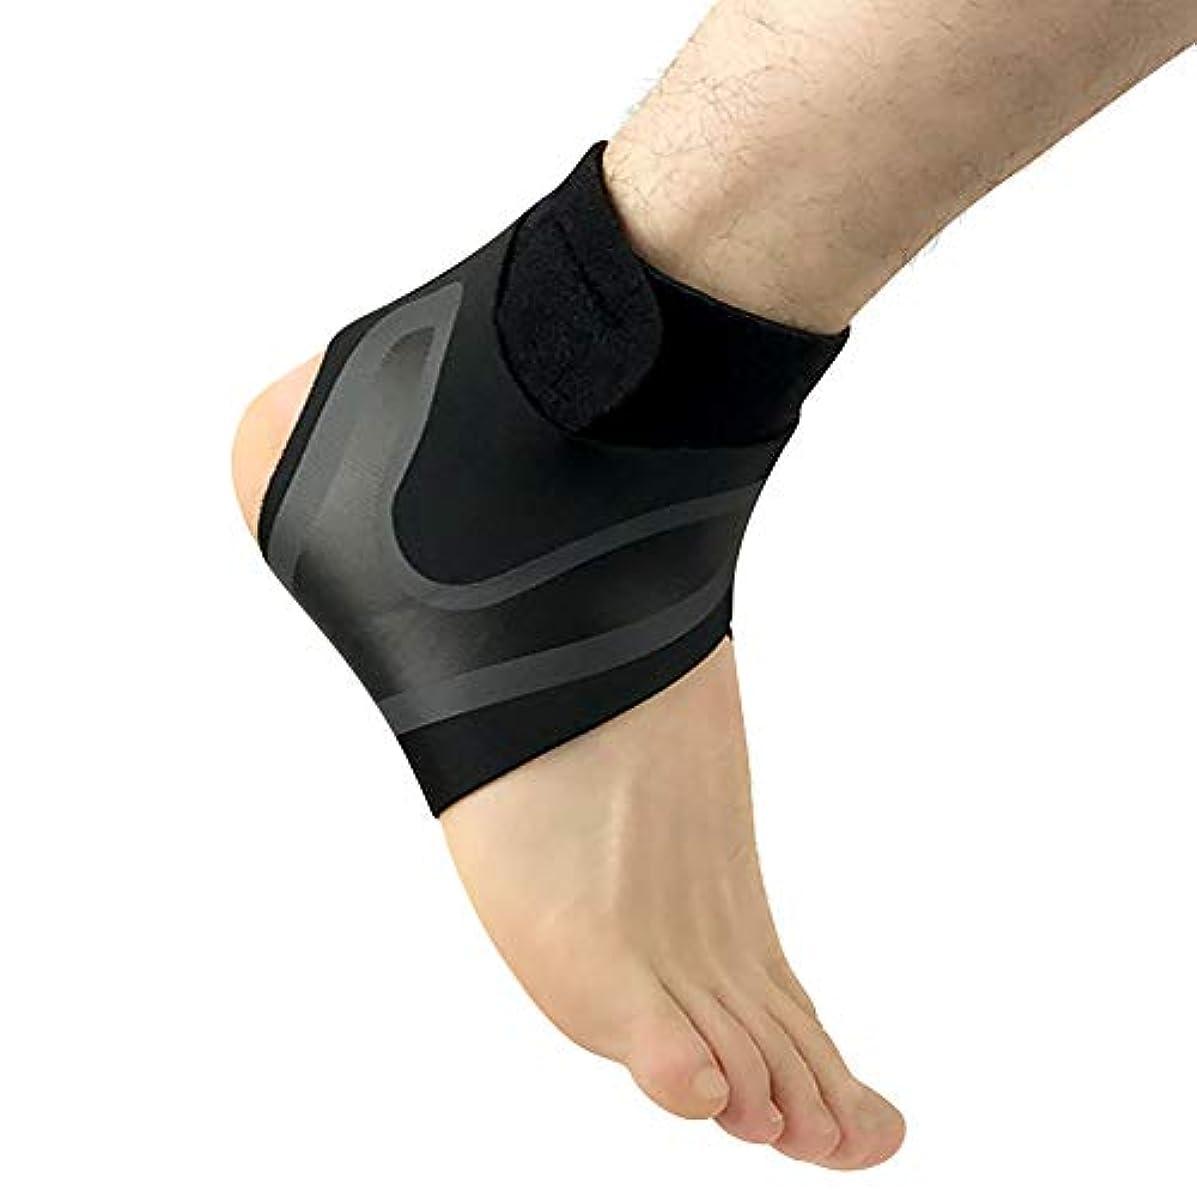 AITREASURE アンクルブレース 足首ブレース 足首サポーター 捻挫予防 足首保護 固定 スポーツ全般 調節可能 通気性 足背捻挫 靭帯損傷 足首固定 足保護 着心地良い 着用便利で快適 シングルユニット(左足 M)